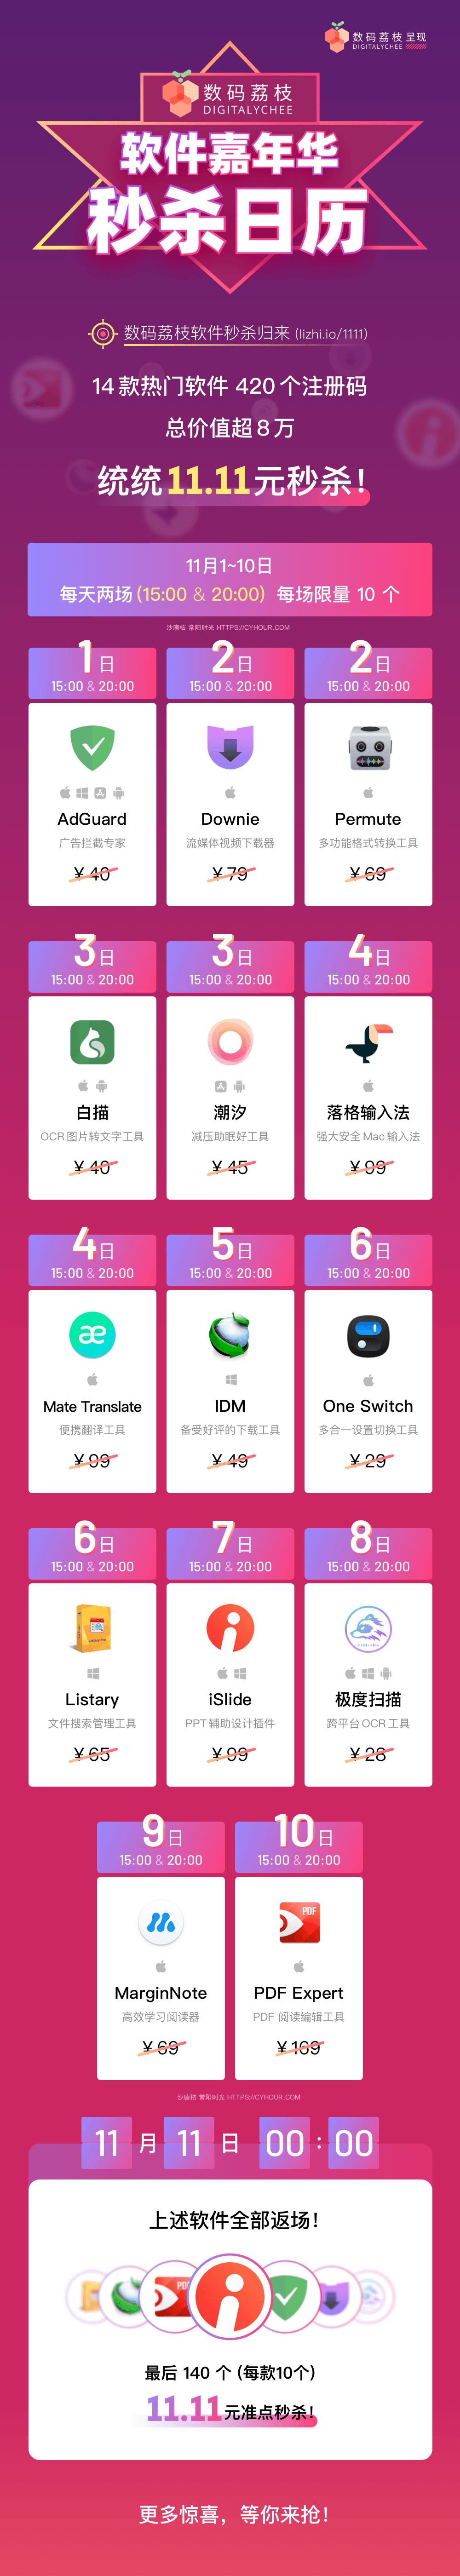 双十一正版软件嘉年华,秒杀、6 折活动全公开!-垃圾站